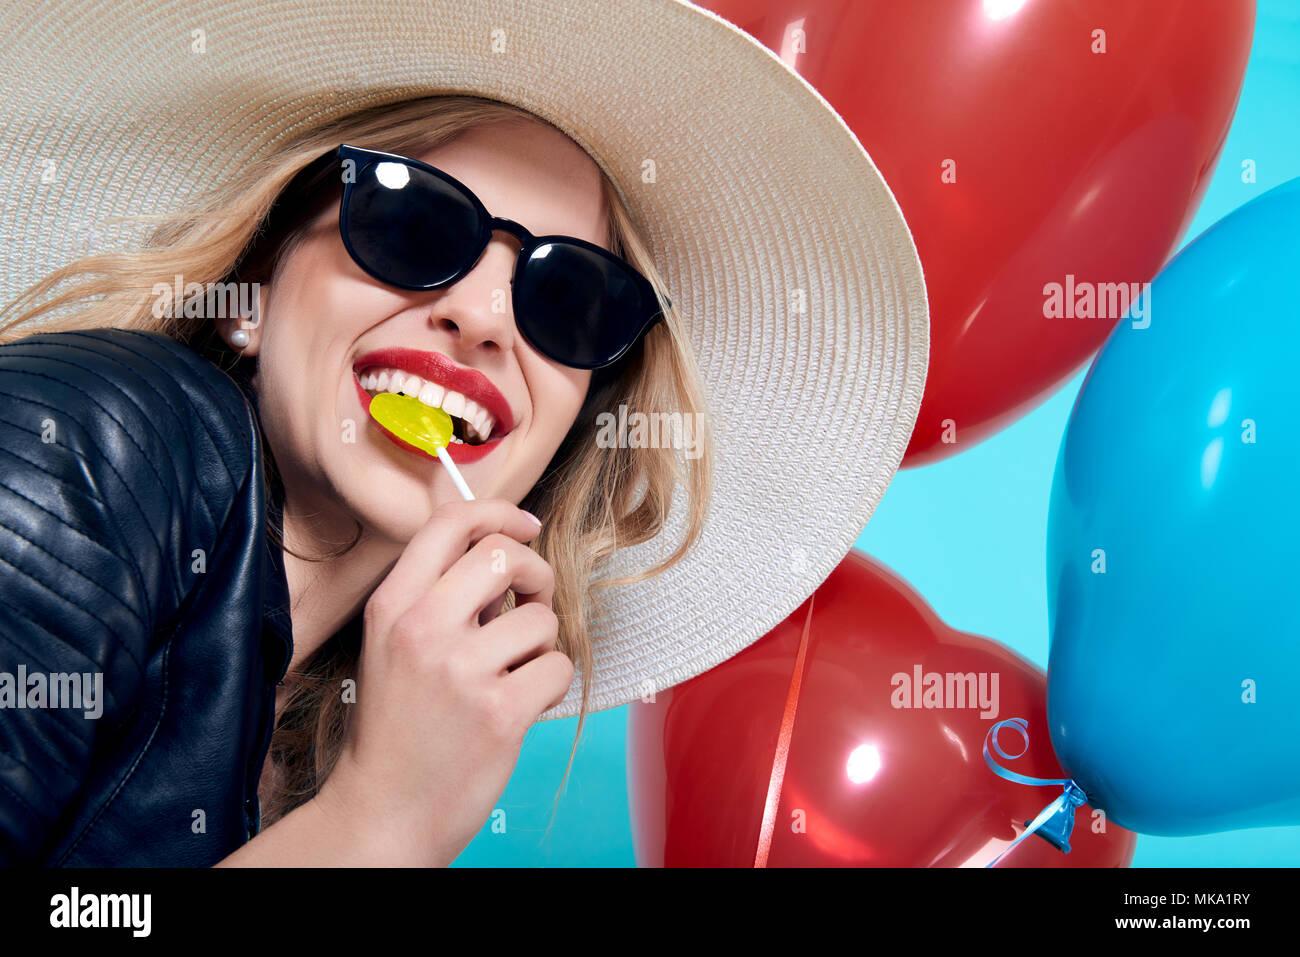 Schöne Rocker Girl in Lederjacke und Sonnenbrille mit Herzförmigen lolipop und herzförmige Luftballons. Attraktive cool junge Frau Mode portra Stockbild